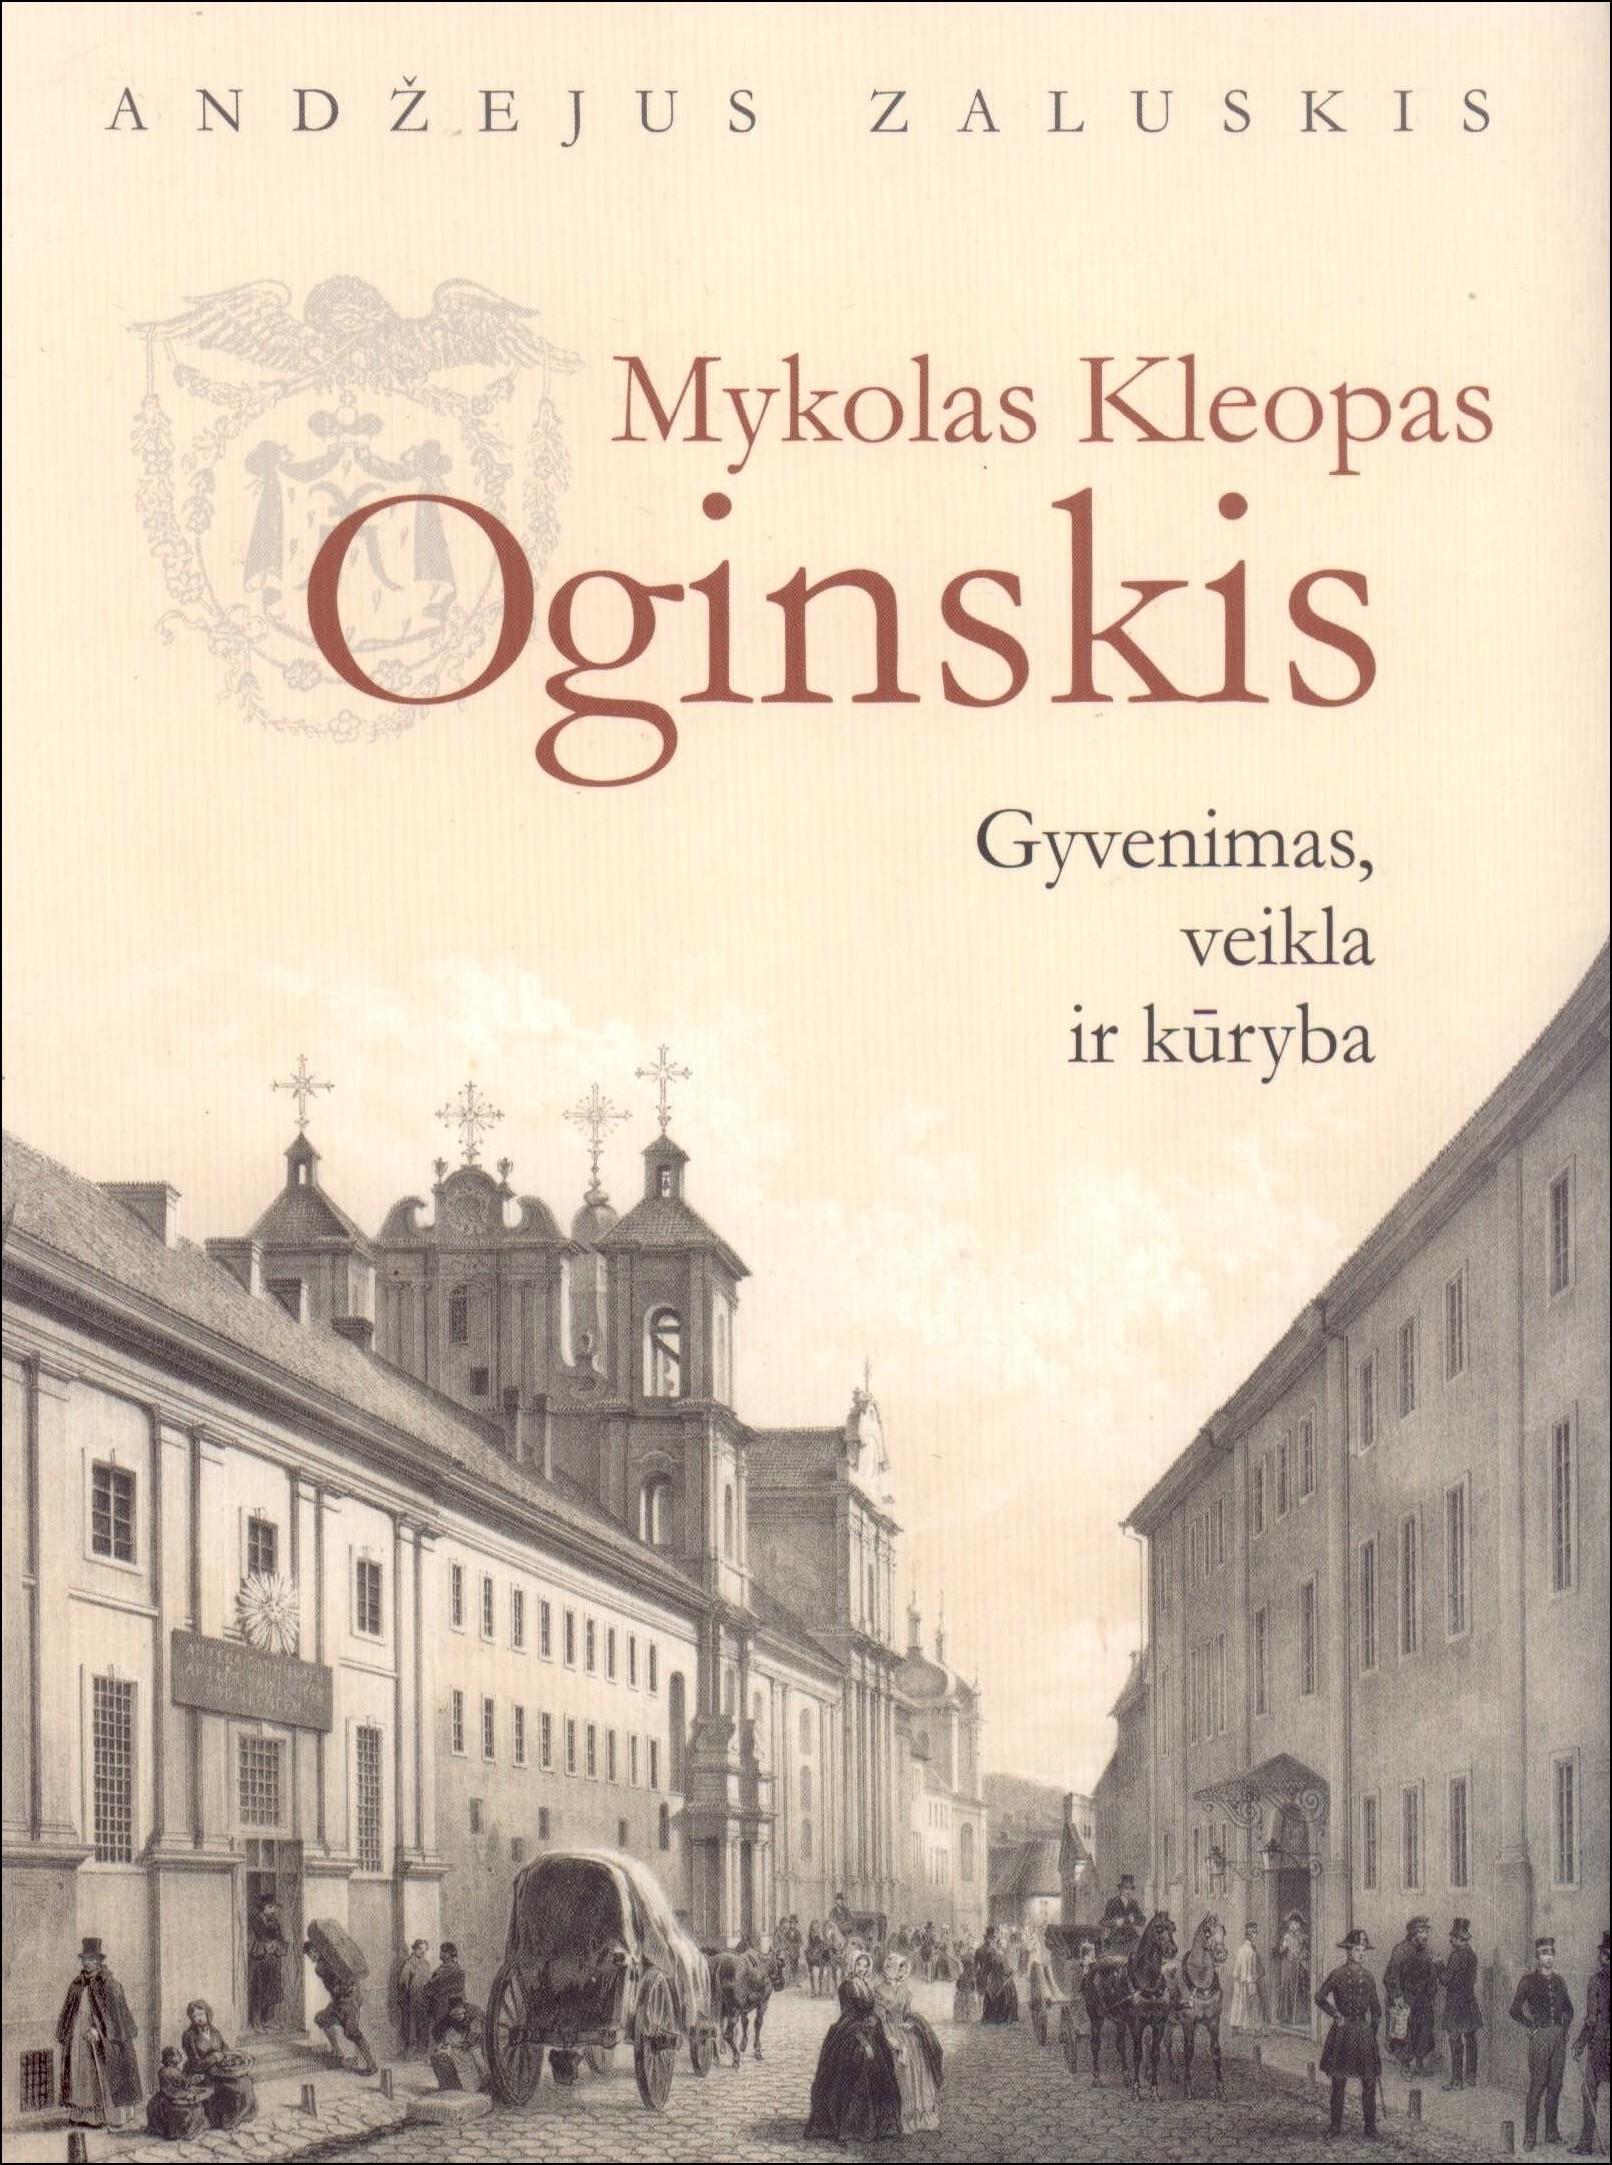 Zaluskis, Andžejus. Mykolas Kleopas Oginskis: gyvenimas, veikla ir kūryba. – Vilnius, 2015. Knygos viršelis